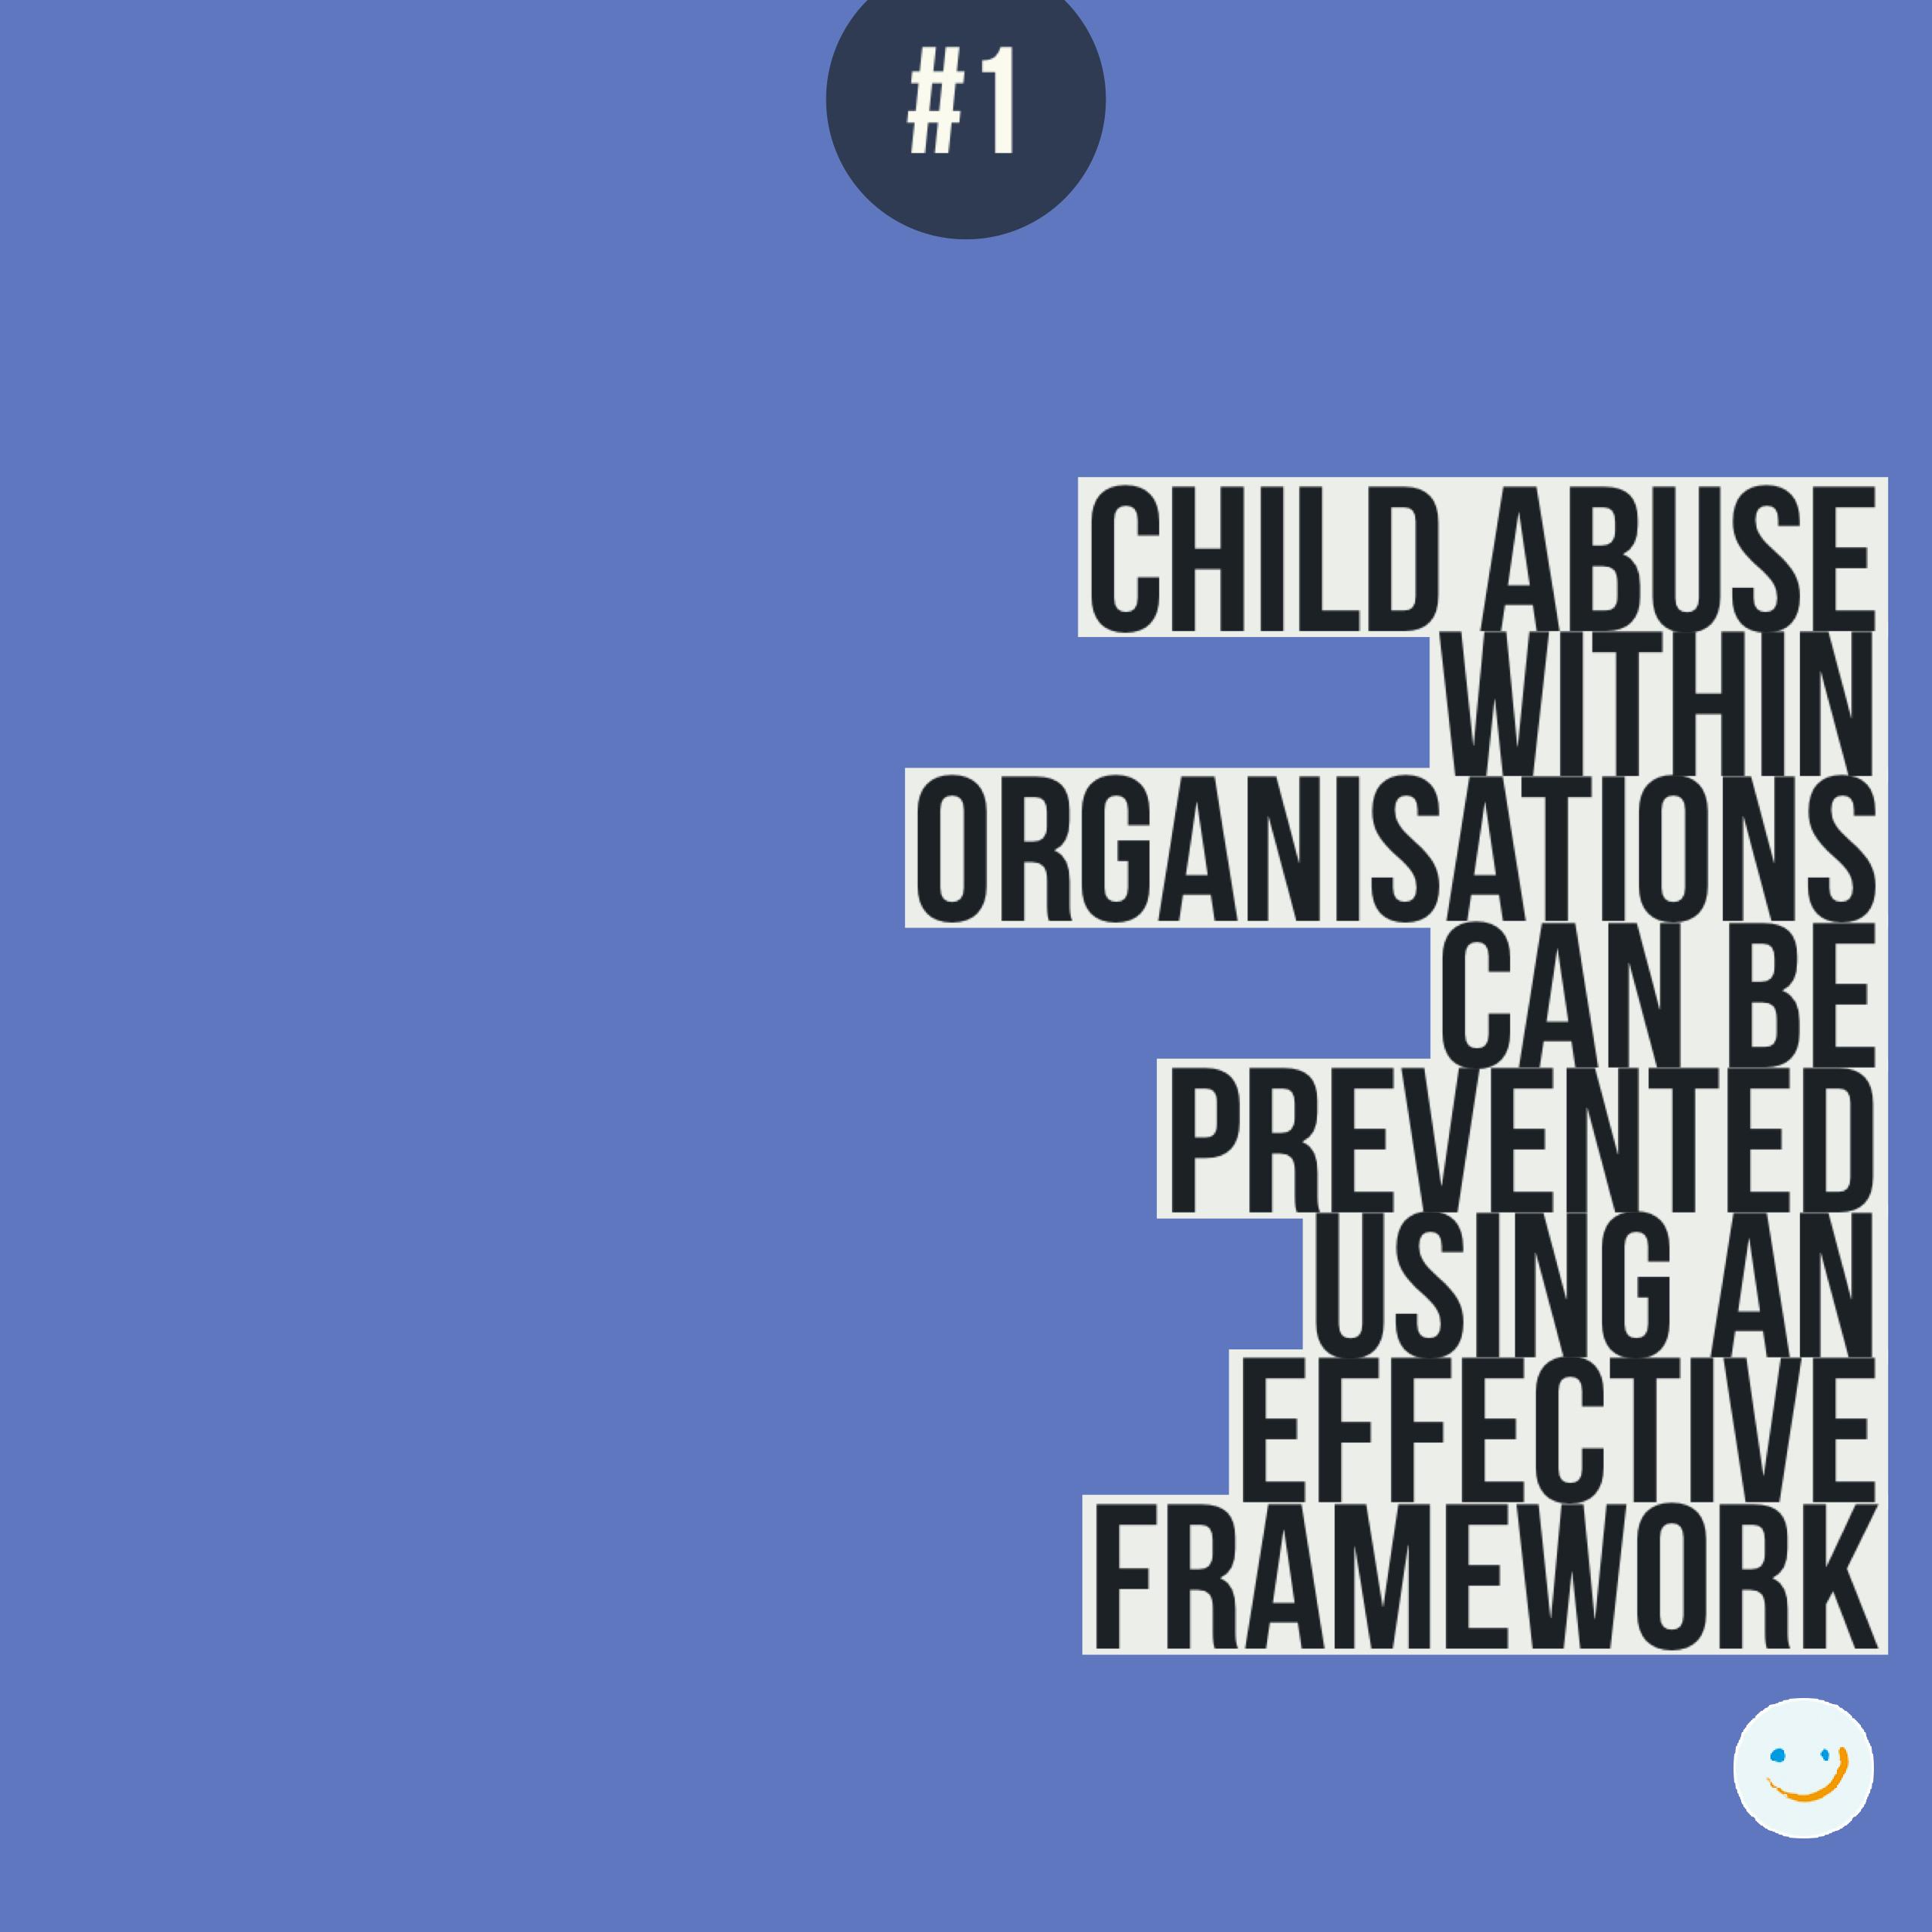 safeguarding children program